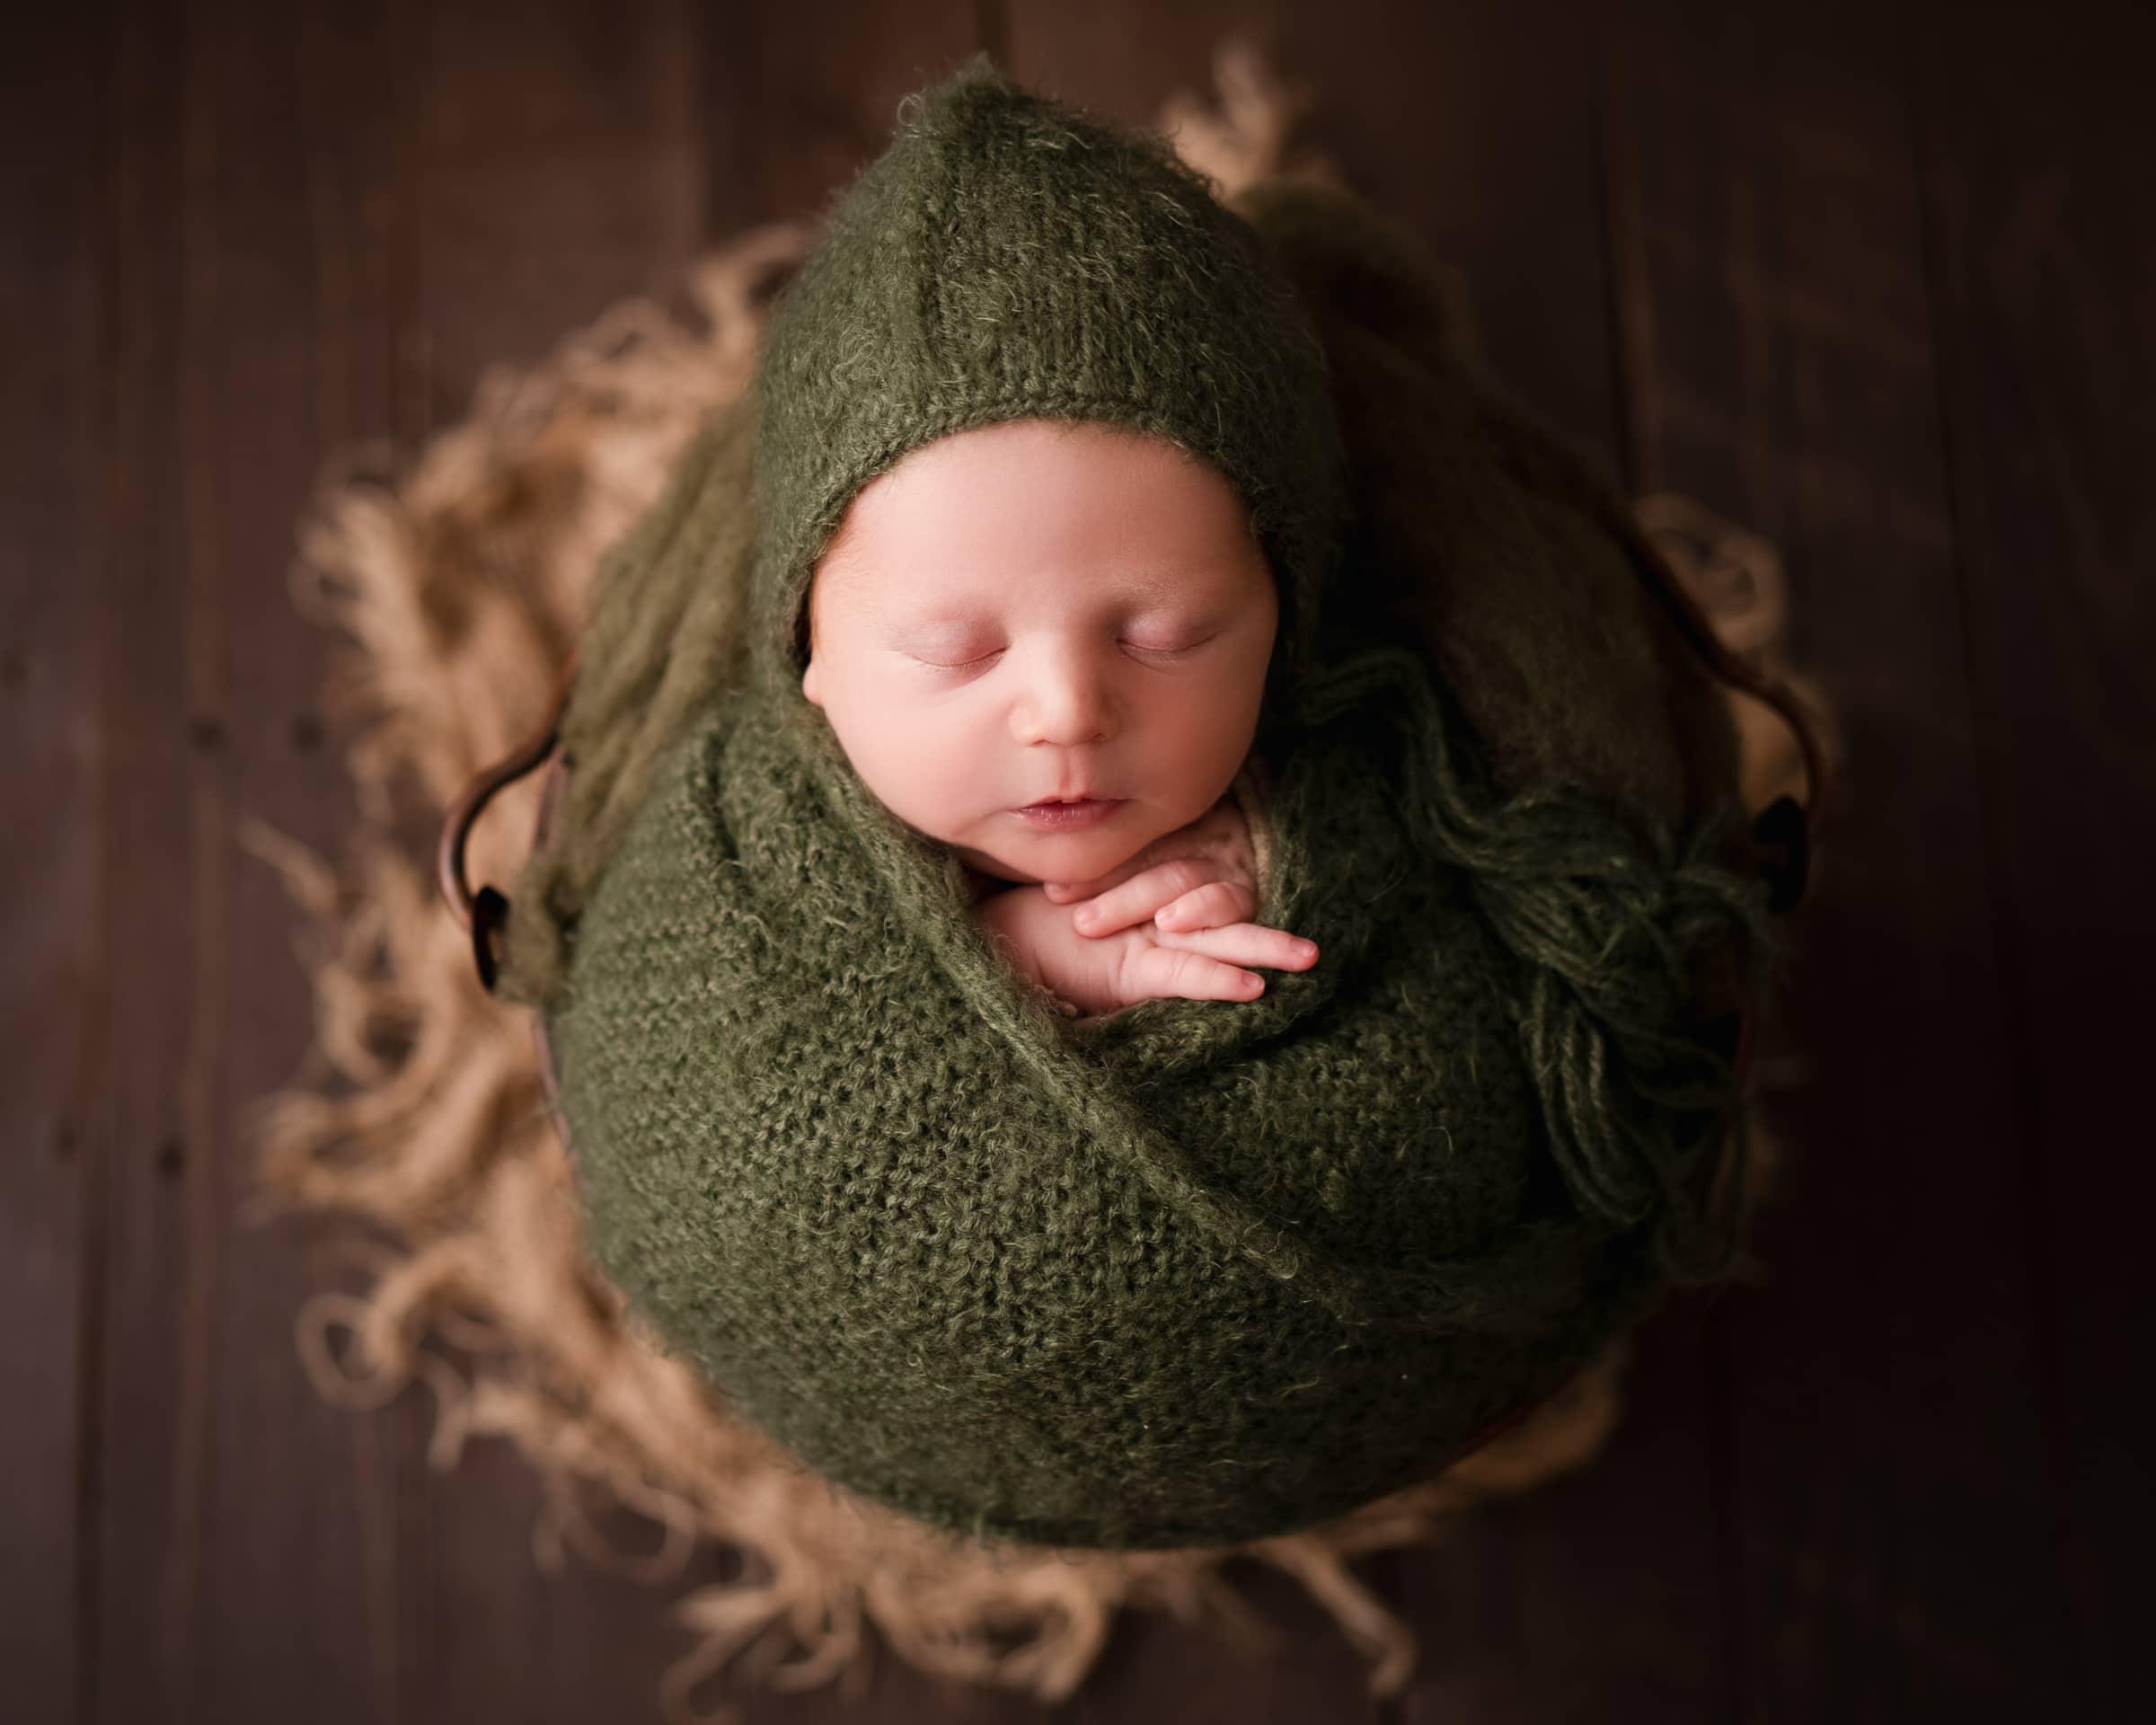 raleigh newborn photographer - baby barrett 1